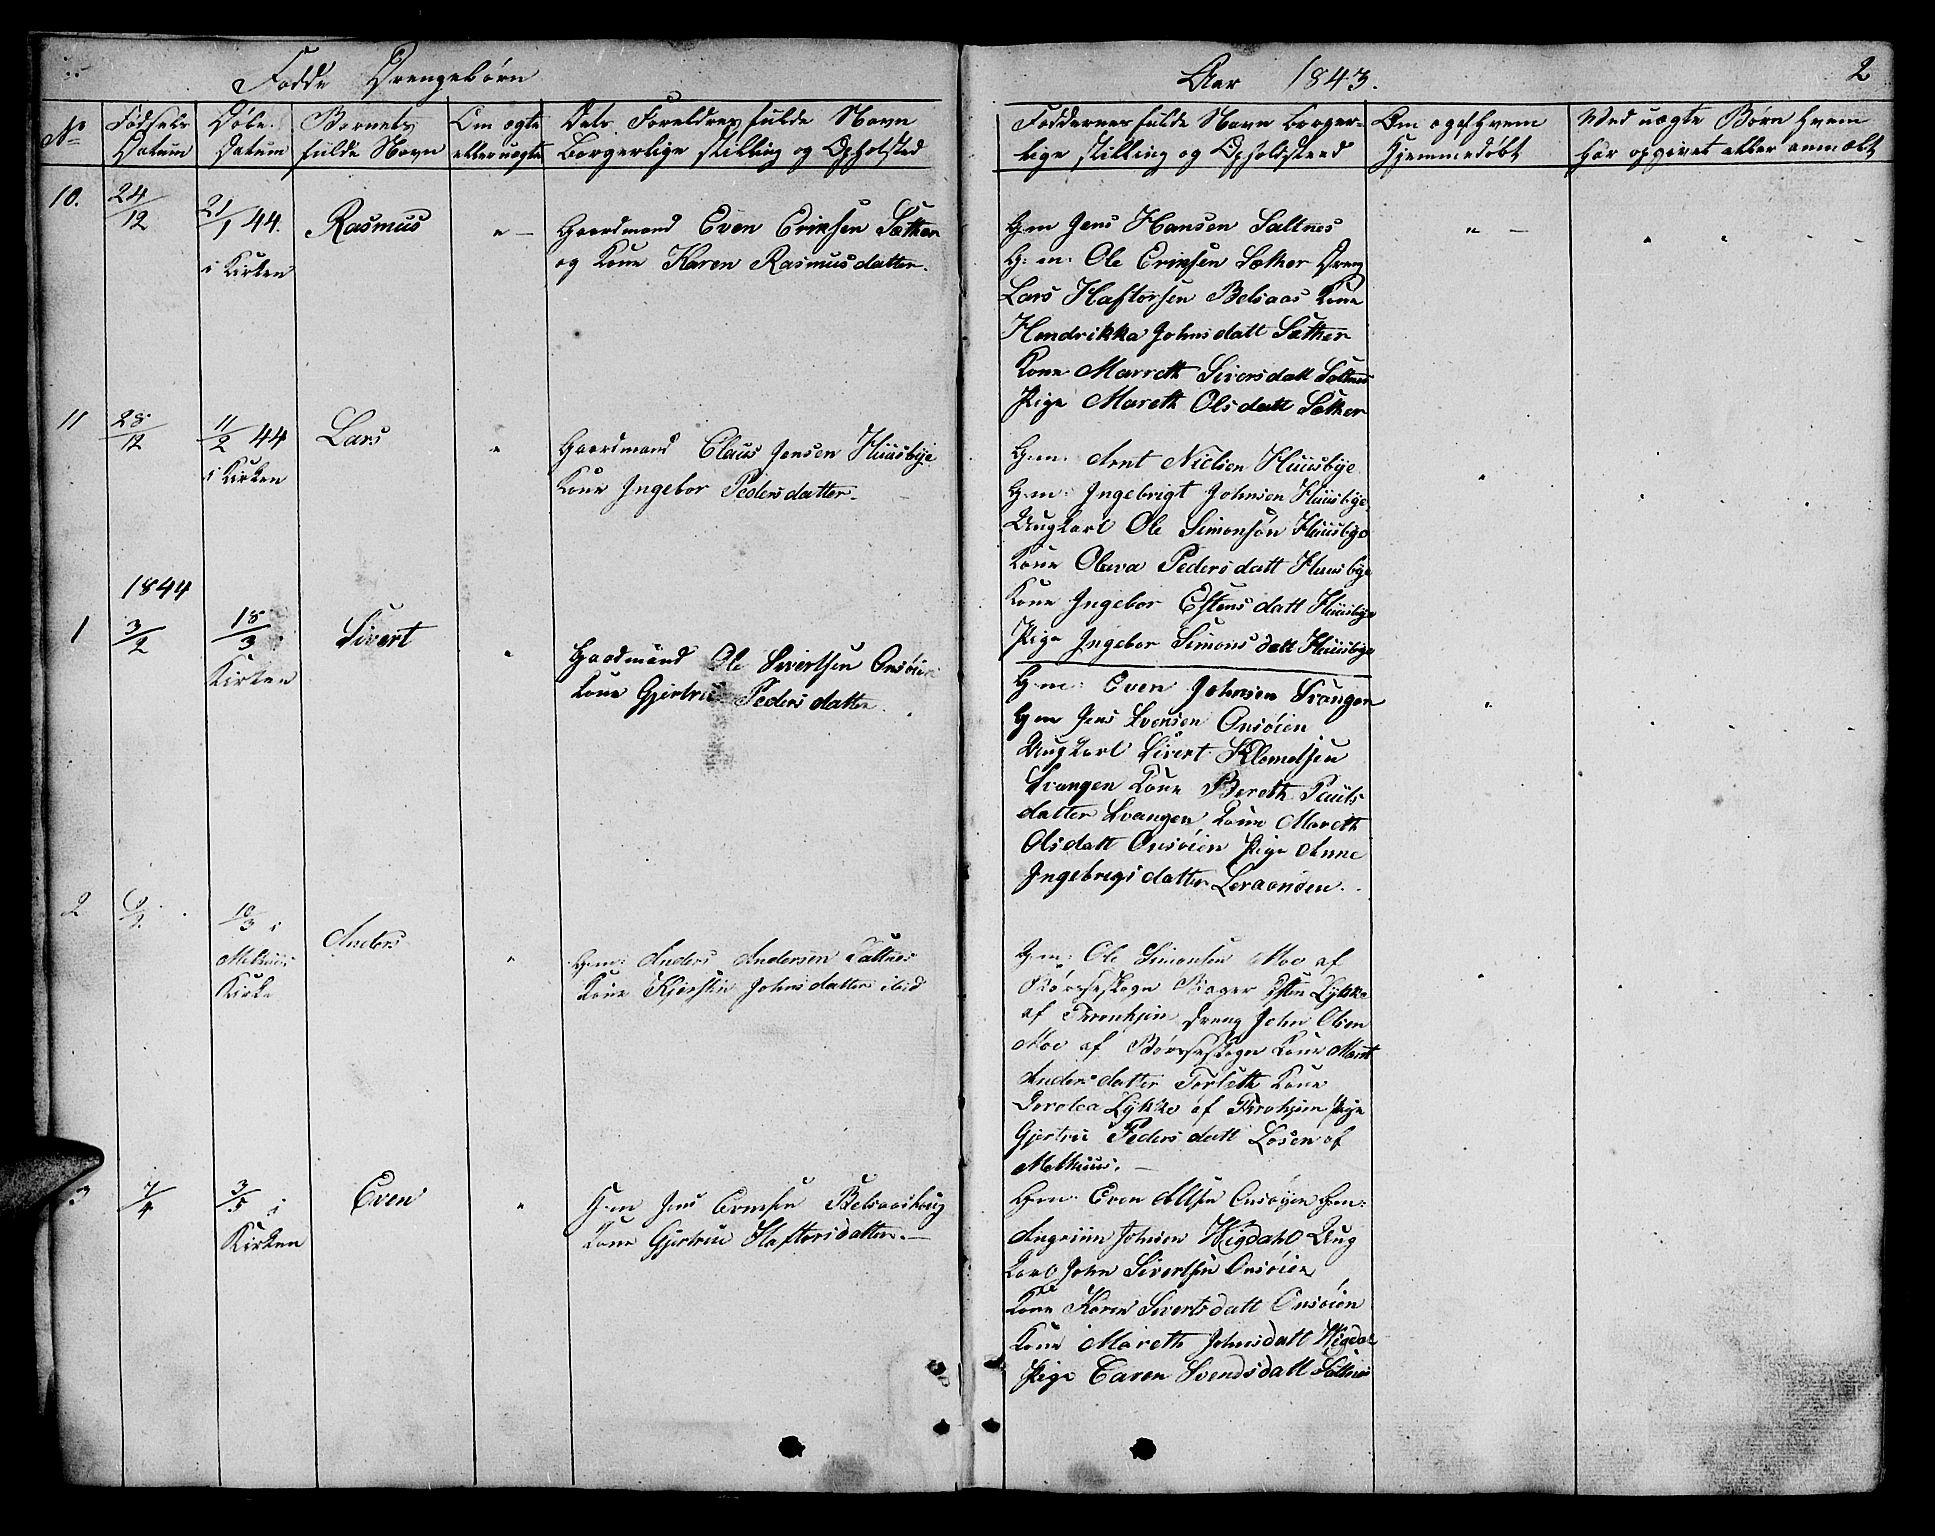 SAT, Ministerialprotokoller, klokkerbøker og fødselsregistre - Sør-Trøndelag, 666/L0789: Klokkerbok nr. 666C02, 1843-1847, s. 2